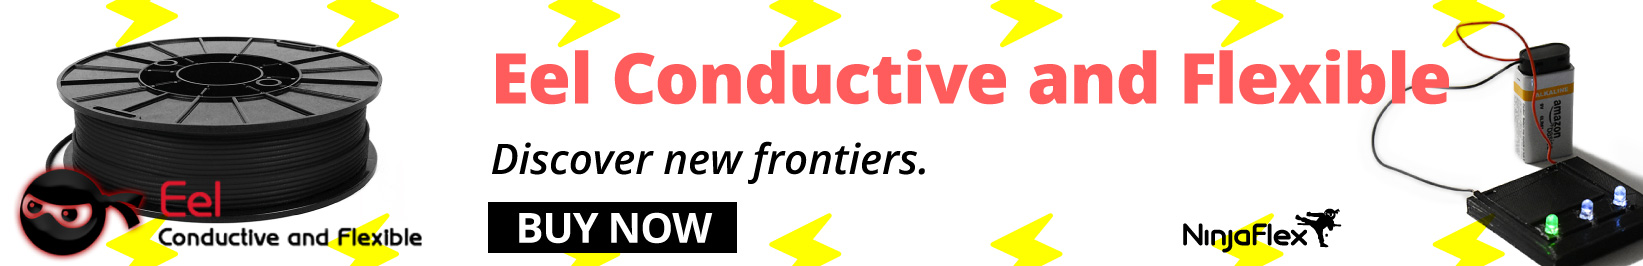 eel conductive and flexible filament